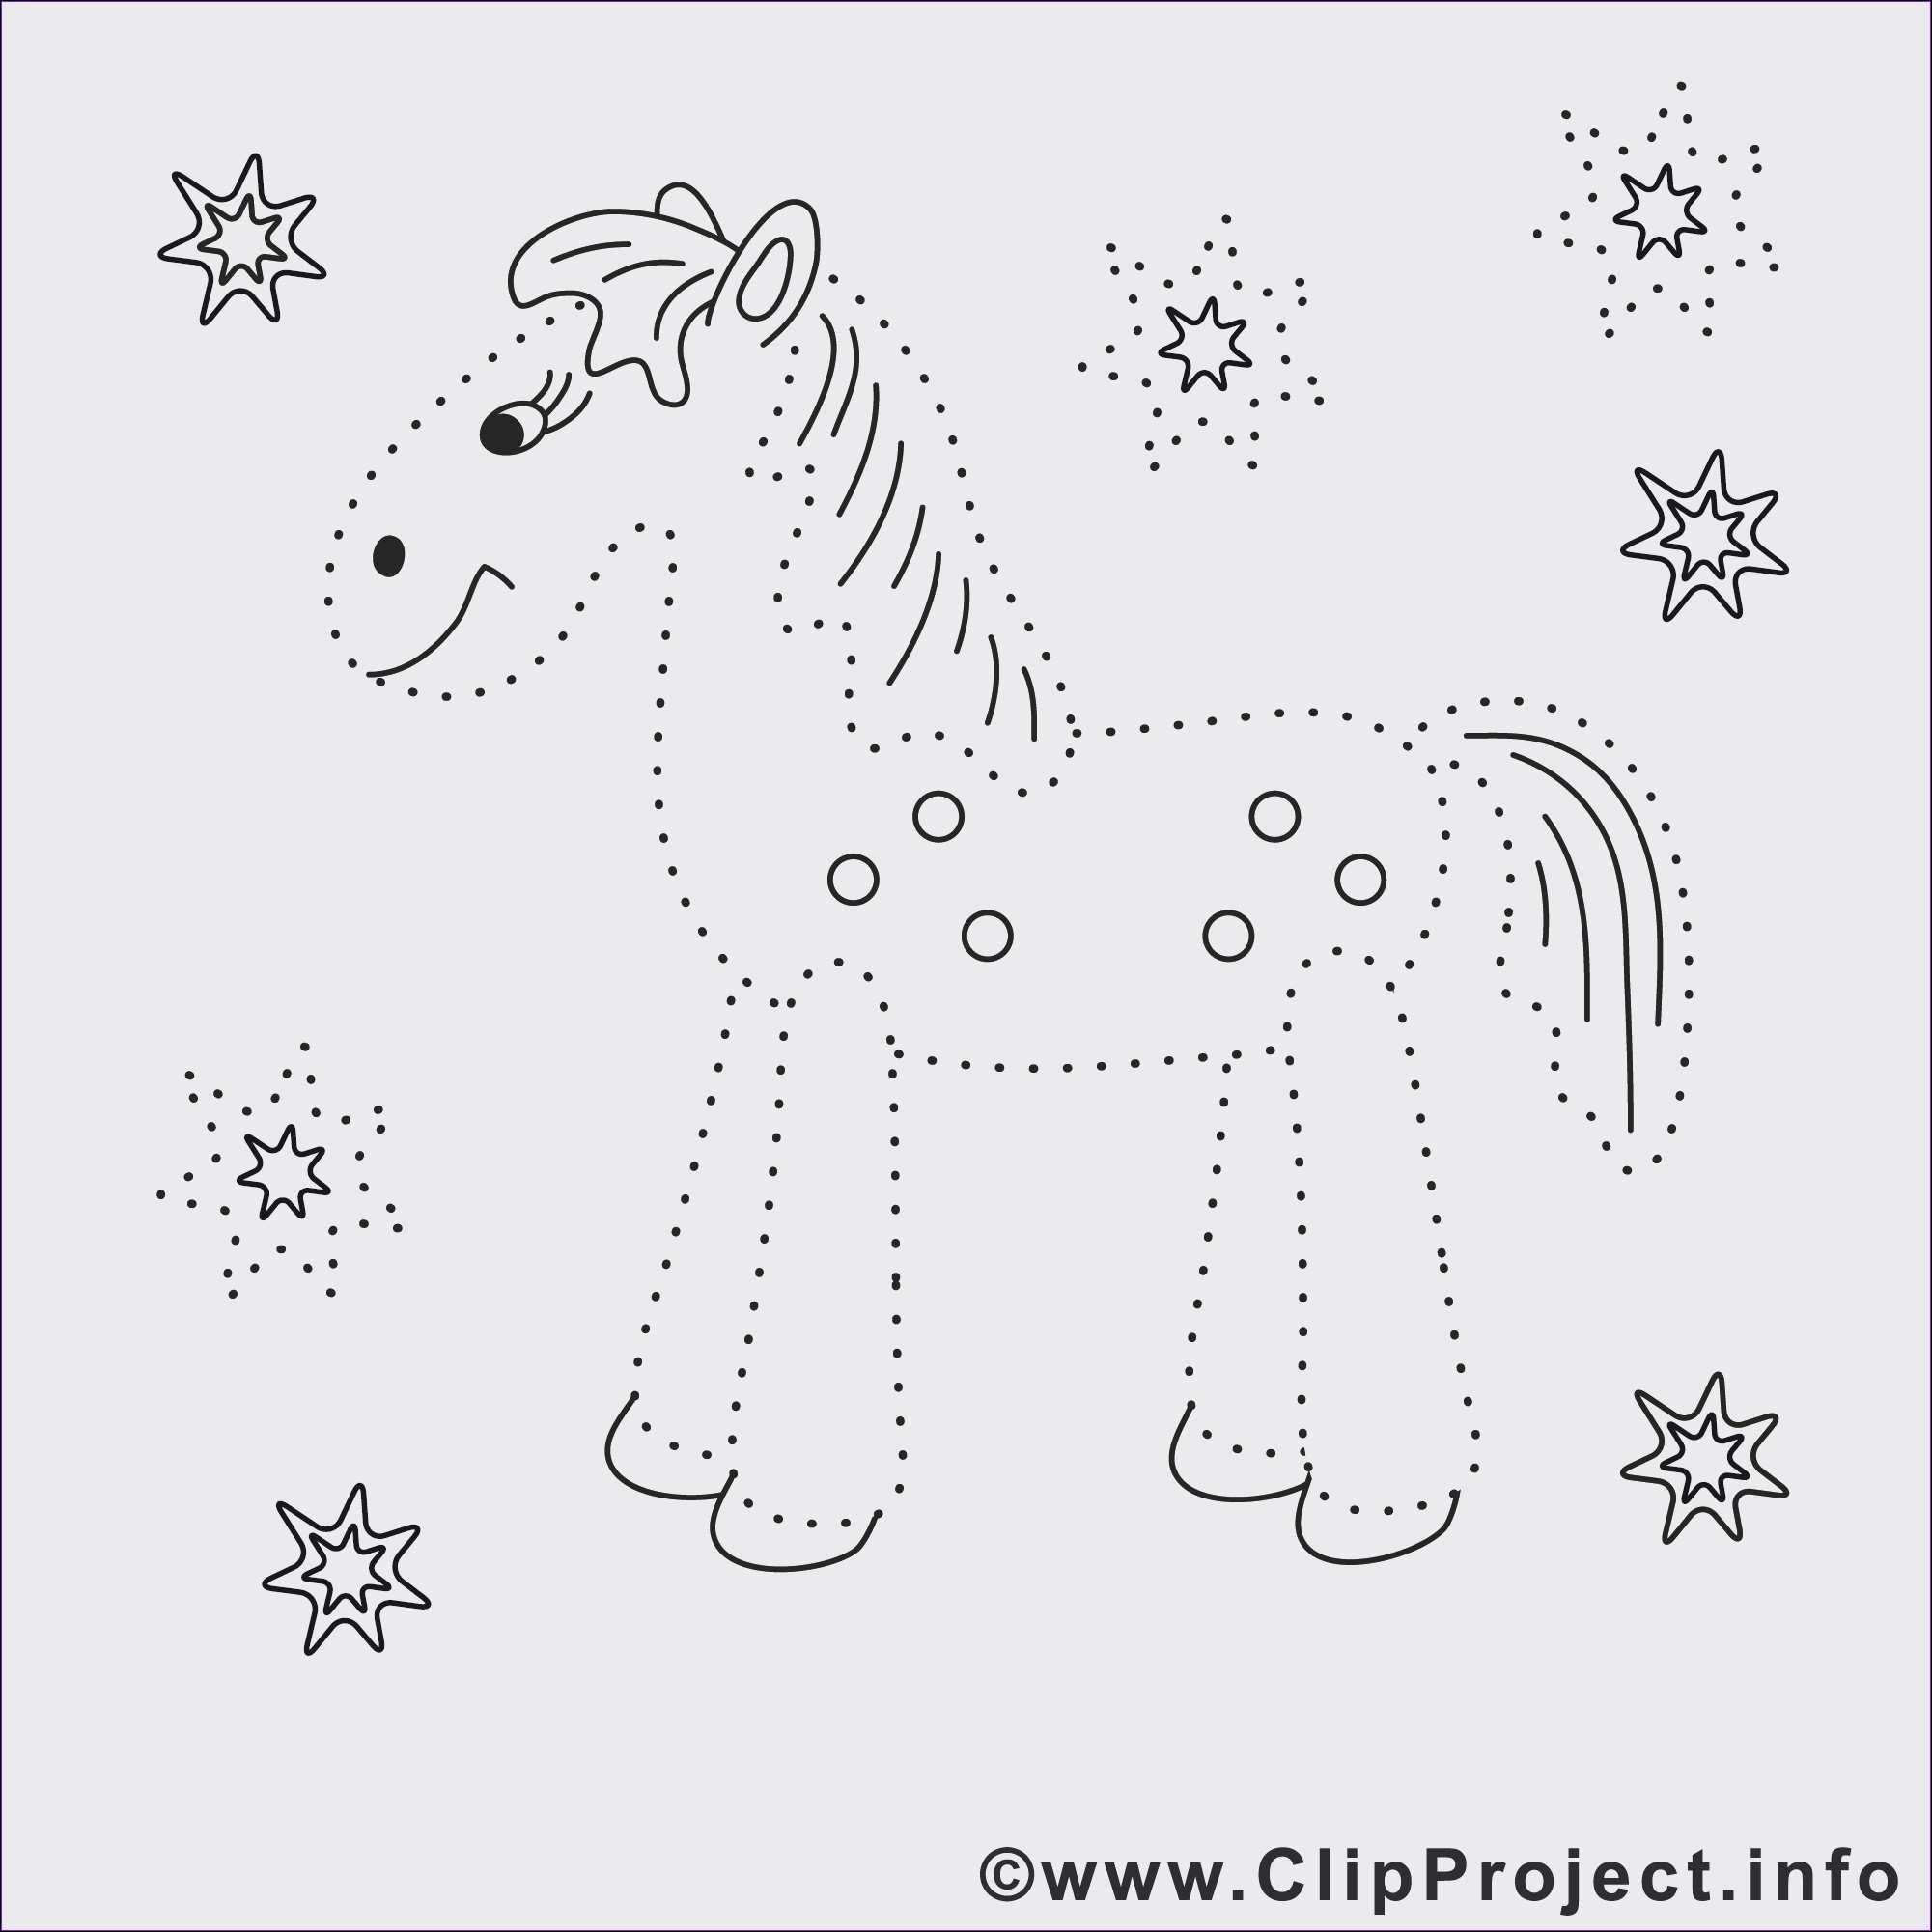 Glubschi Zum Ausmalen Inspirierend Glubschi Bilder Zum Ausmalen Idee Kostenlose Weihnachtsbilder Zum Bilder